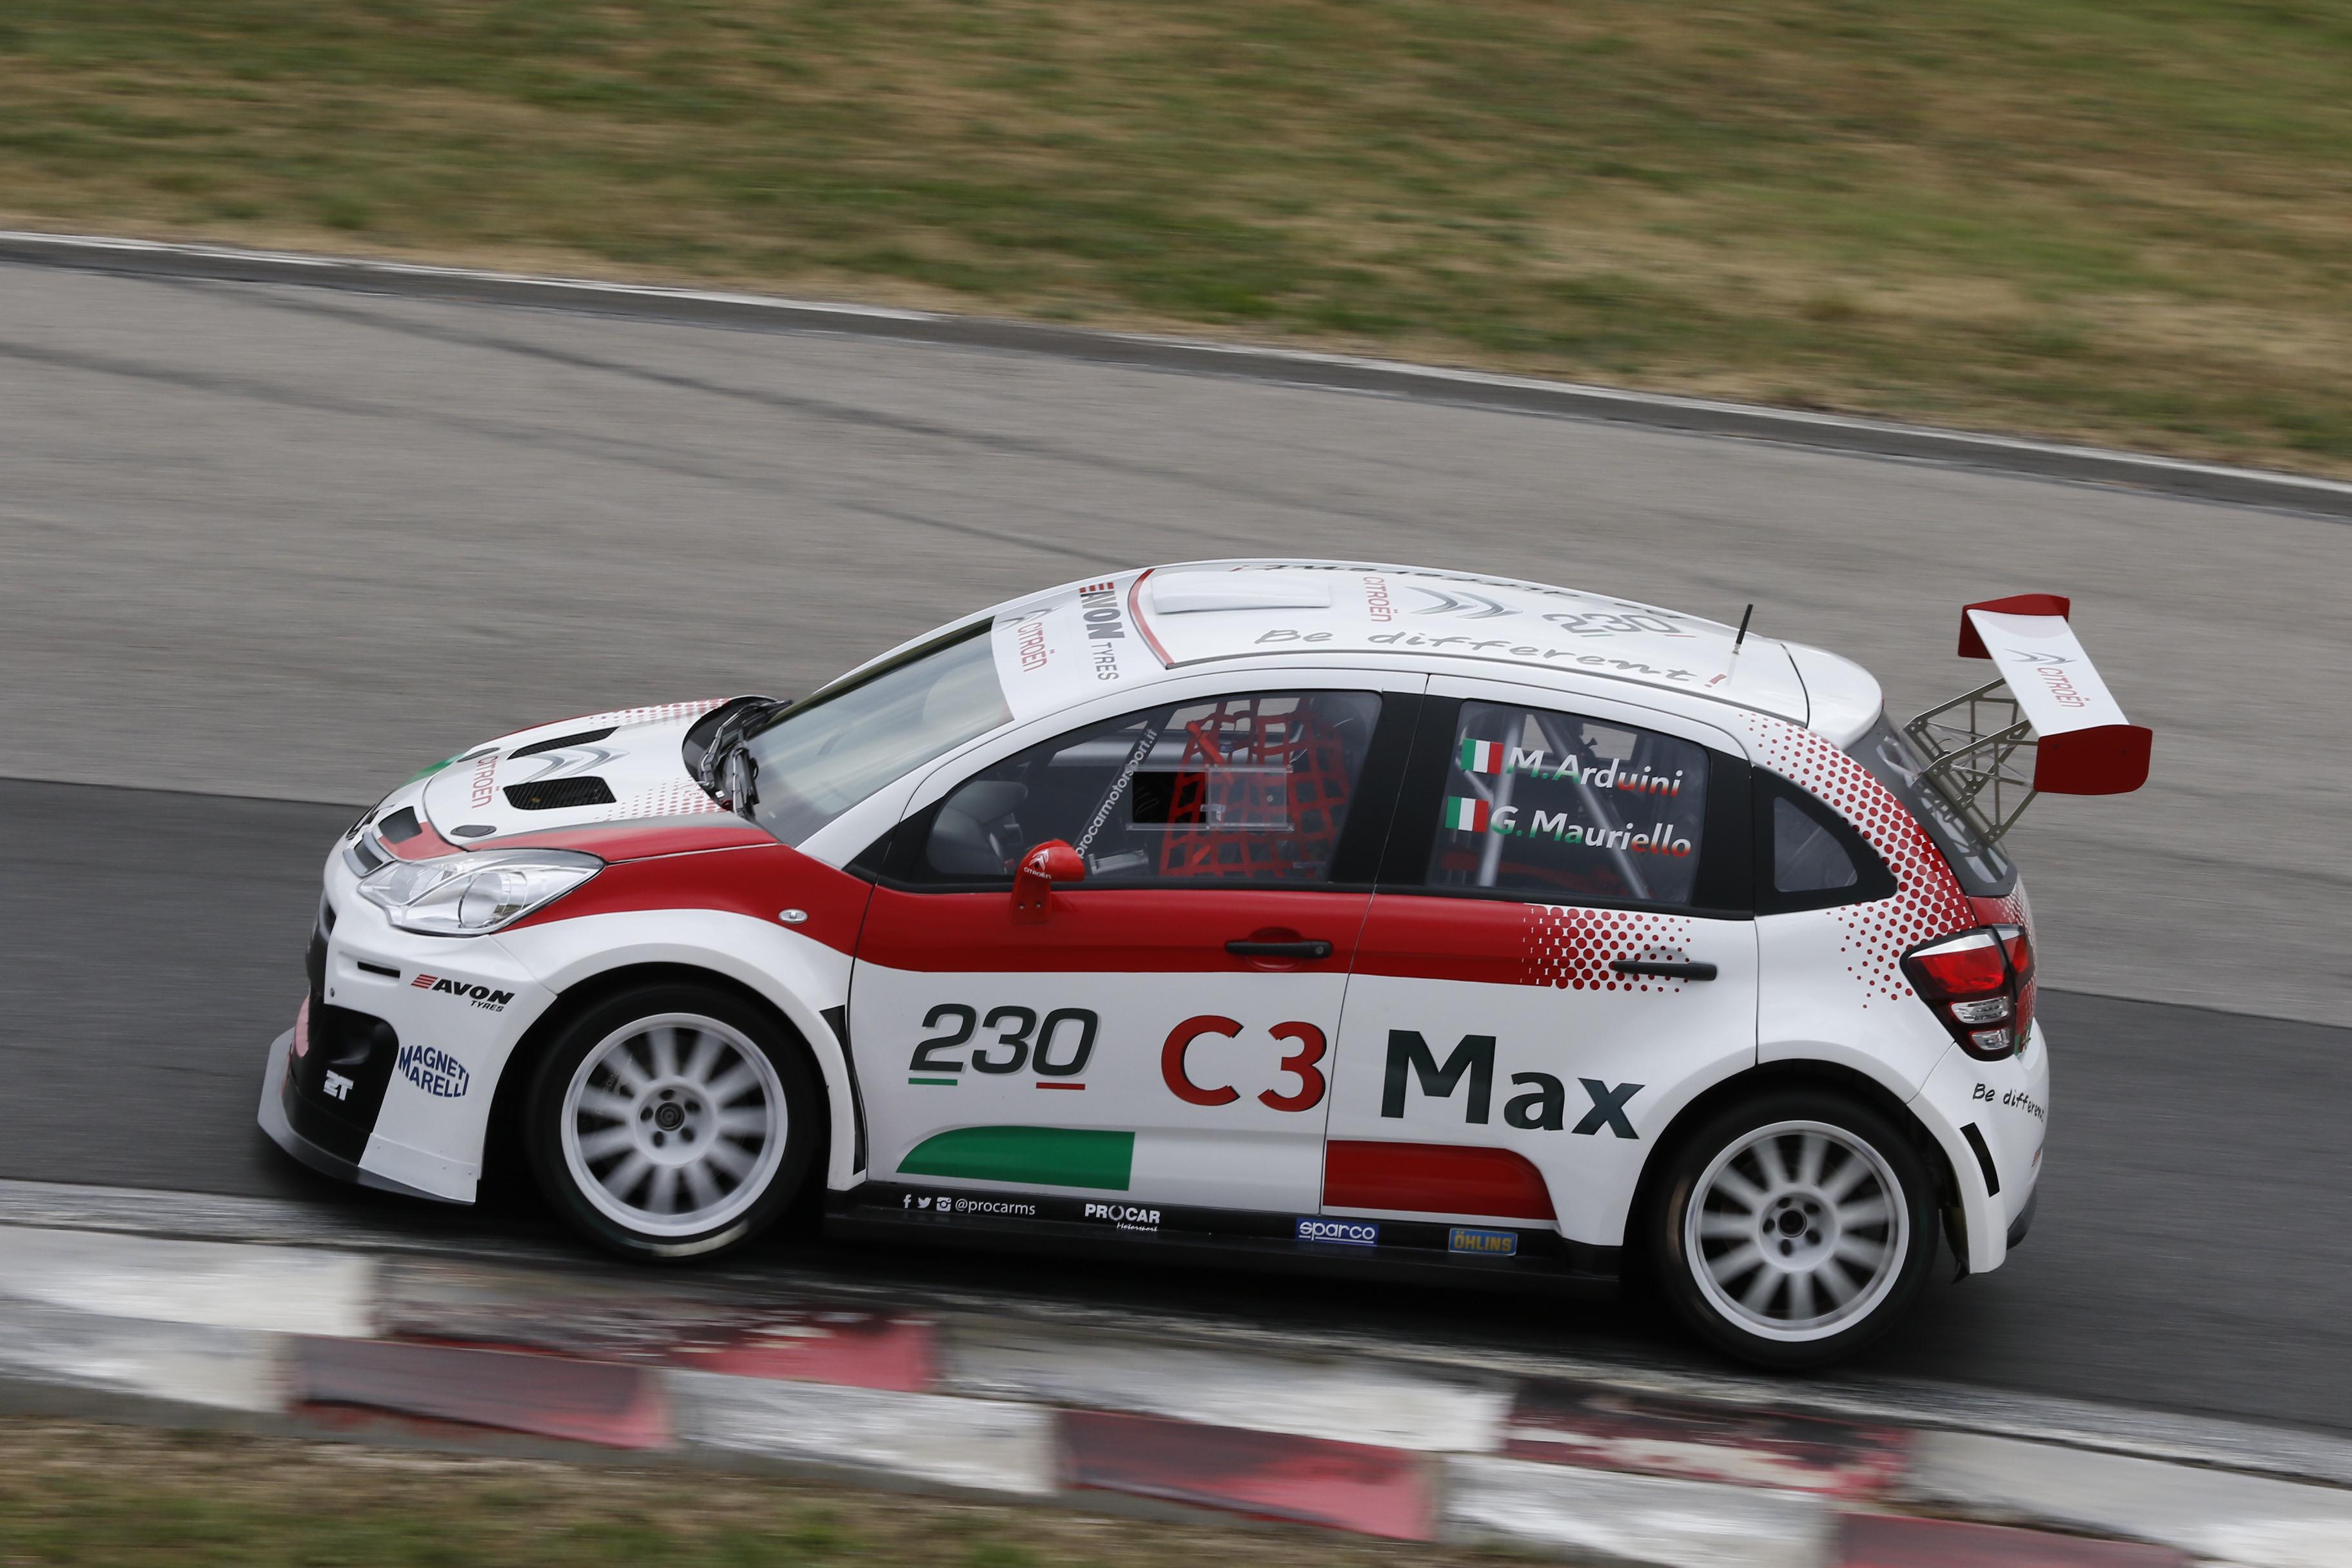 C3 MAX, la sportività secondo Citroën